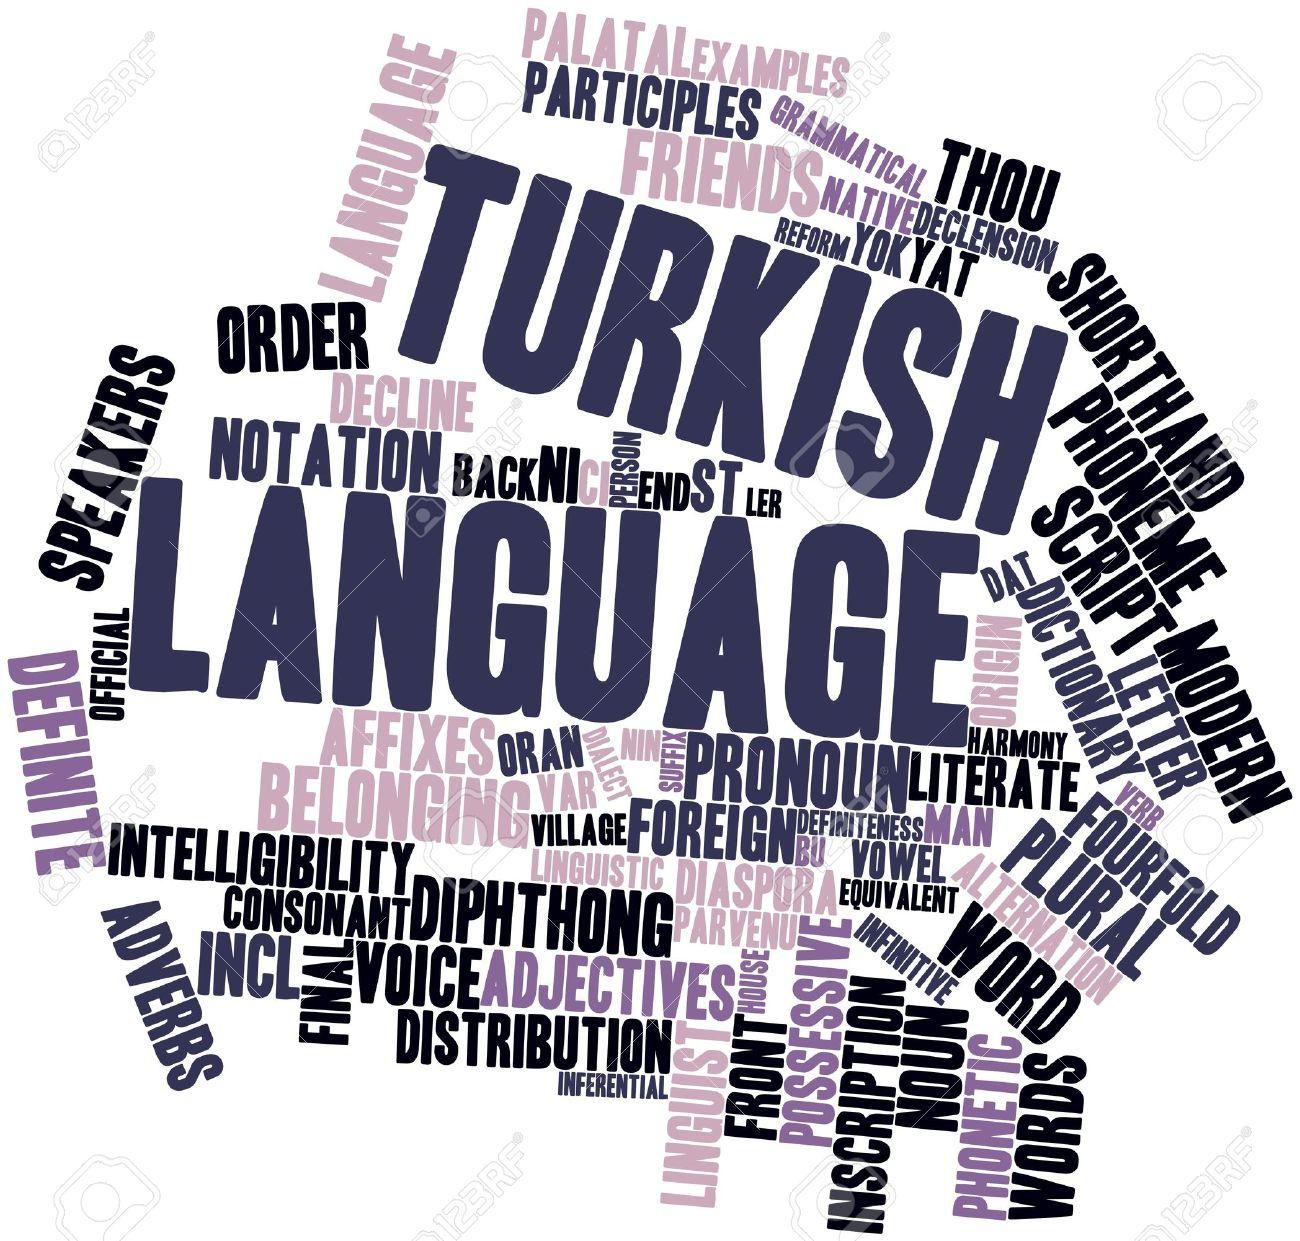 صور كلمات تركية رومانسية , عبارات ومعانى تركية